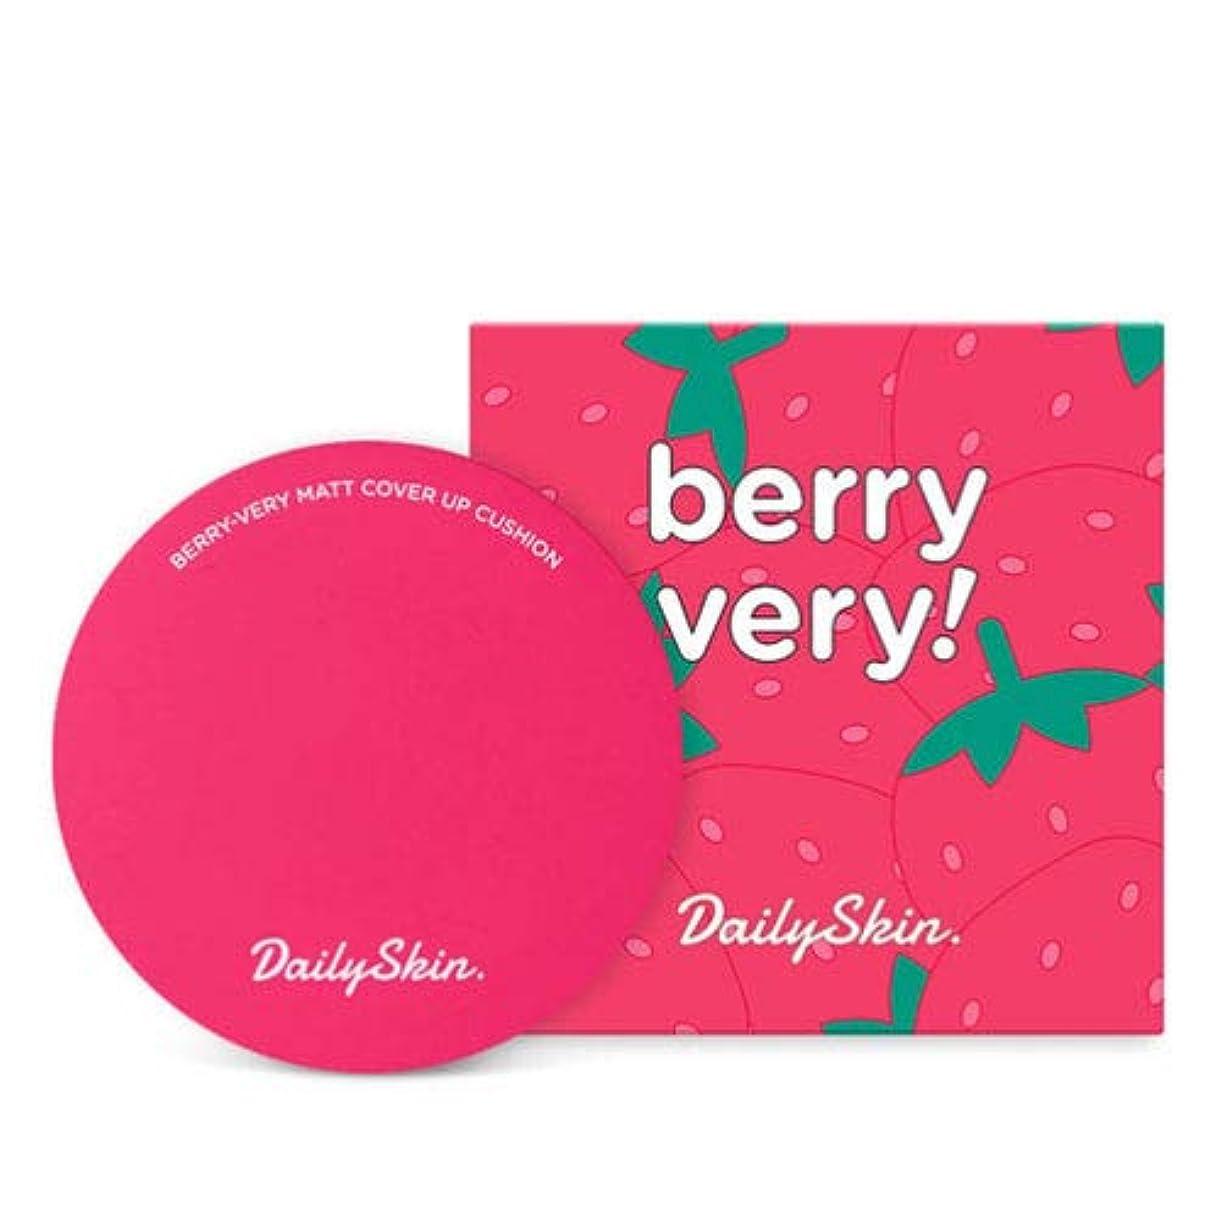 スペース文句を言うどれでもDaily Skin Berry Very Matt Cover Up Cushion (No.23 Berry Natural) ]デイリースキン いちごマット カバー アップ クッション [並行輸入品]